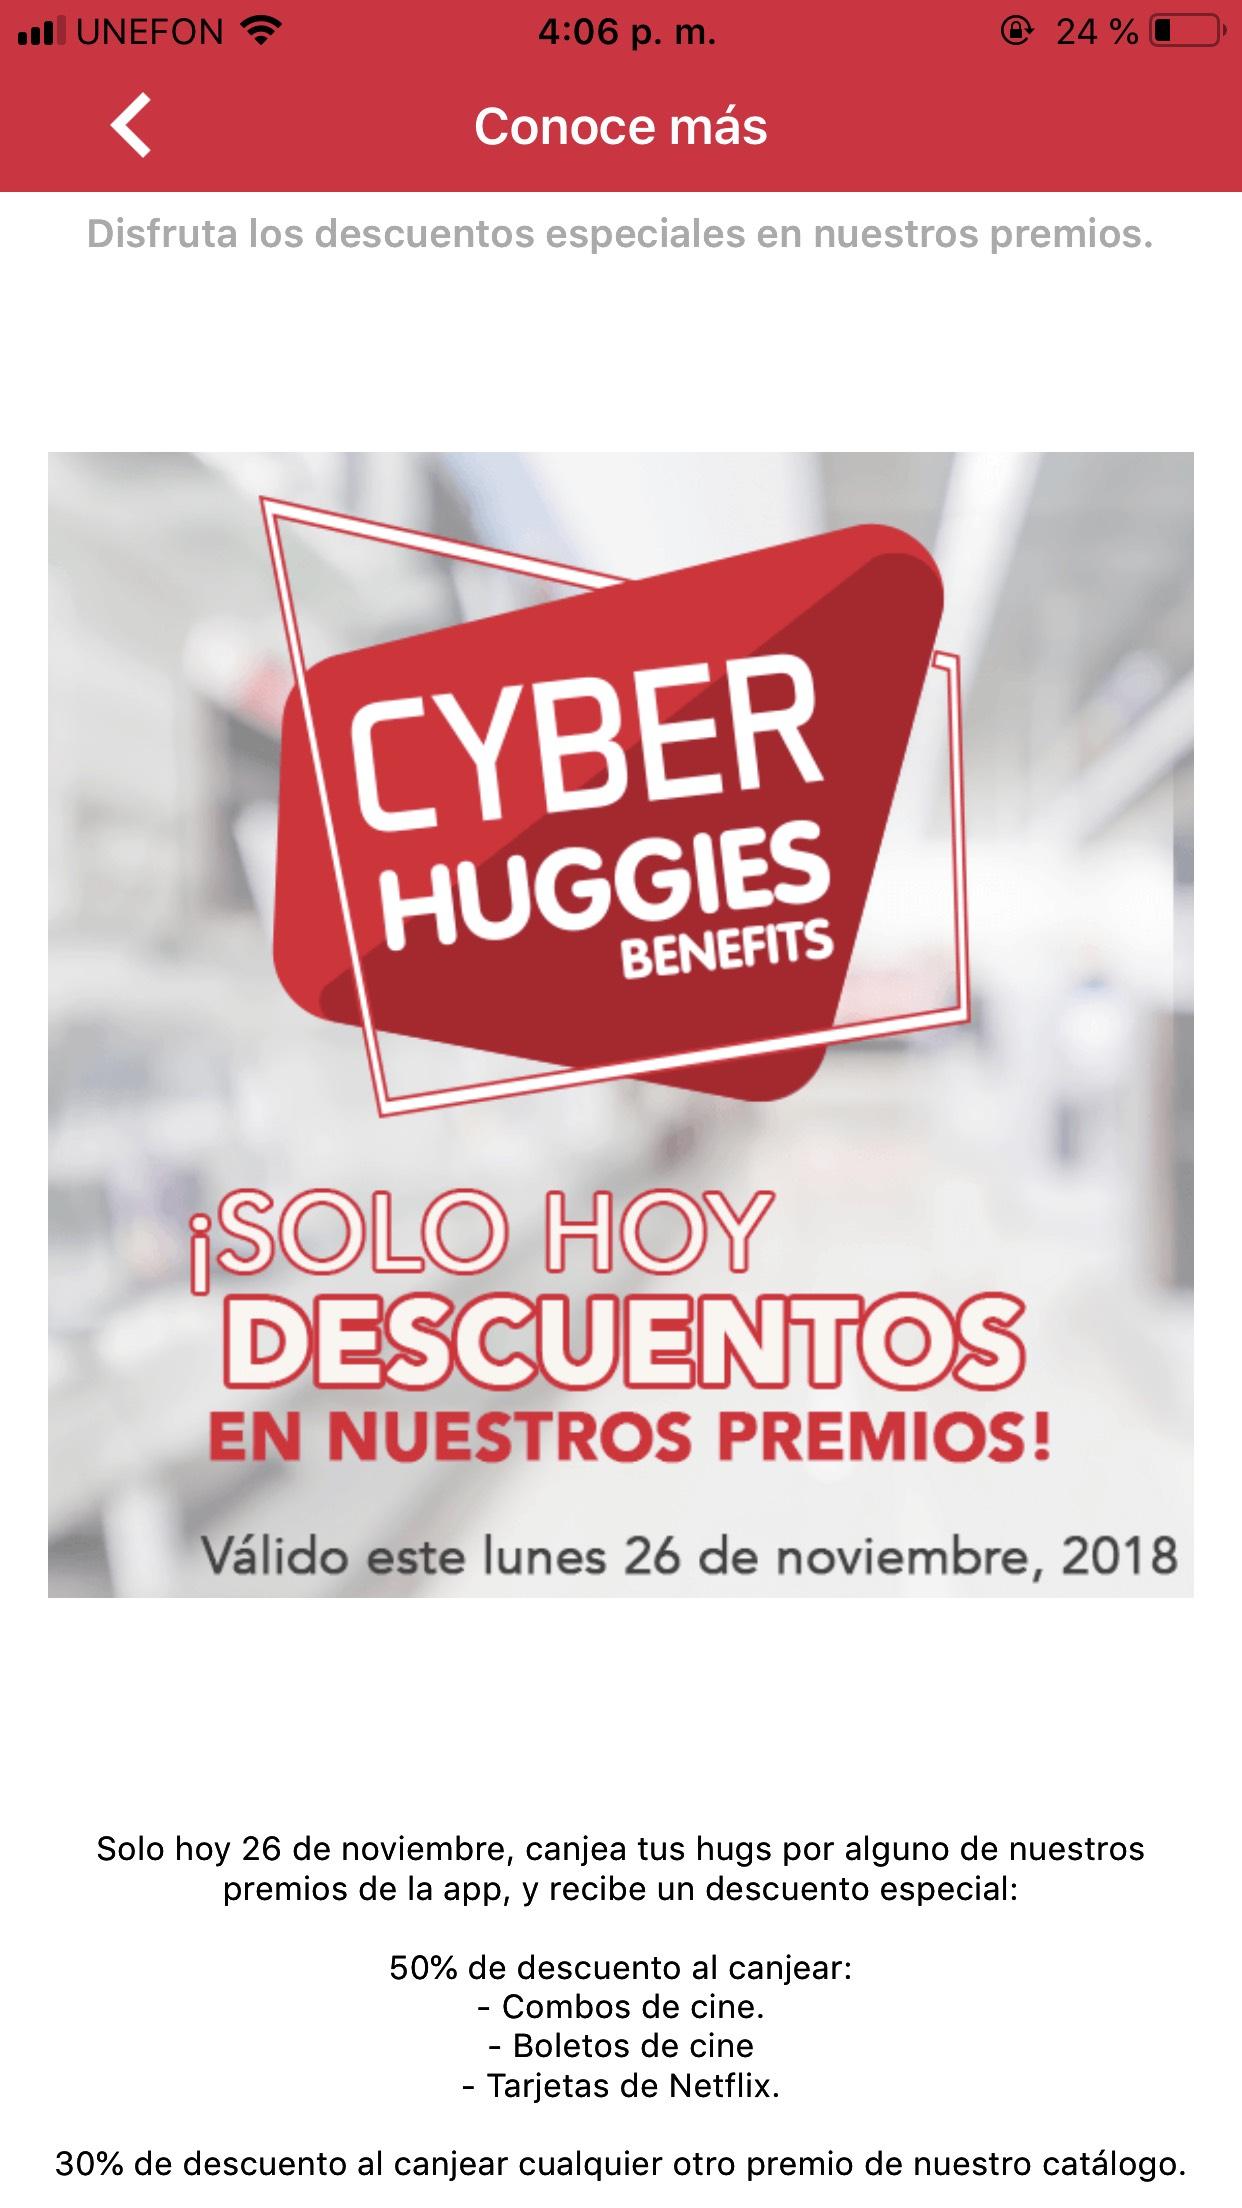 Cyber Monday en Huggies Benefits: hasta el 50% de descuento al canjear huggs